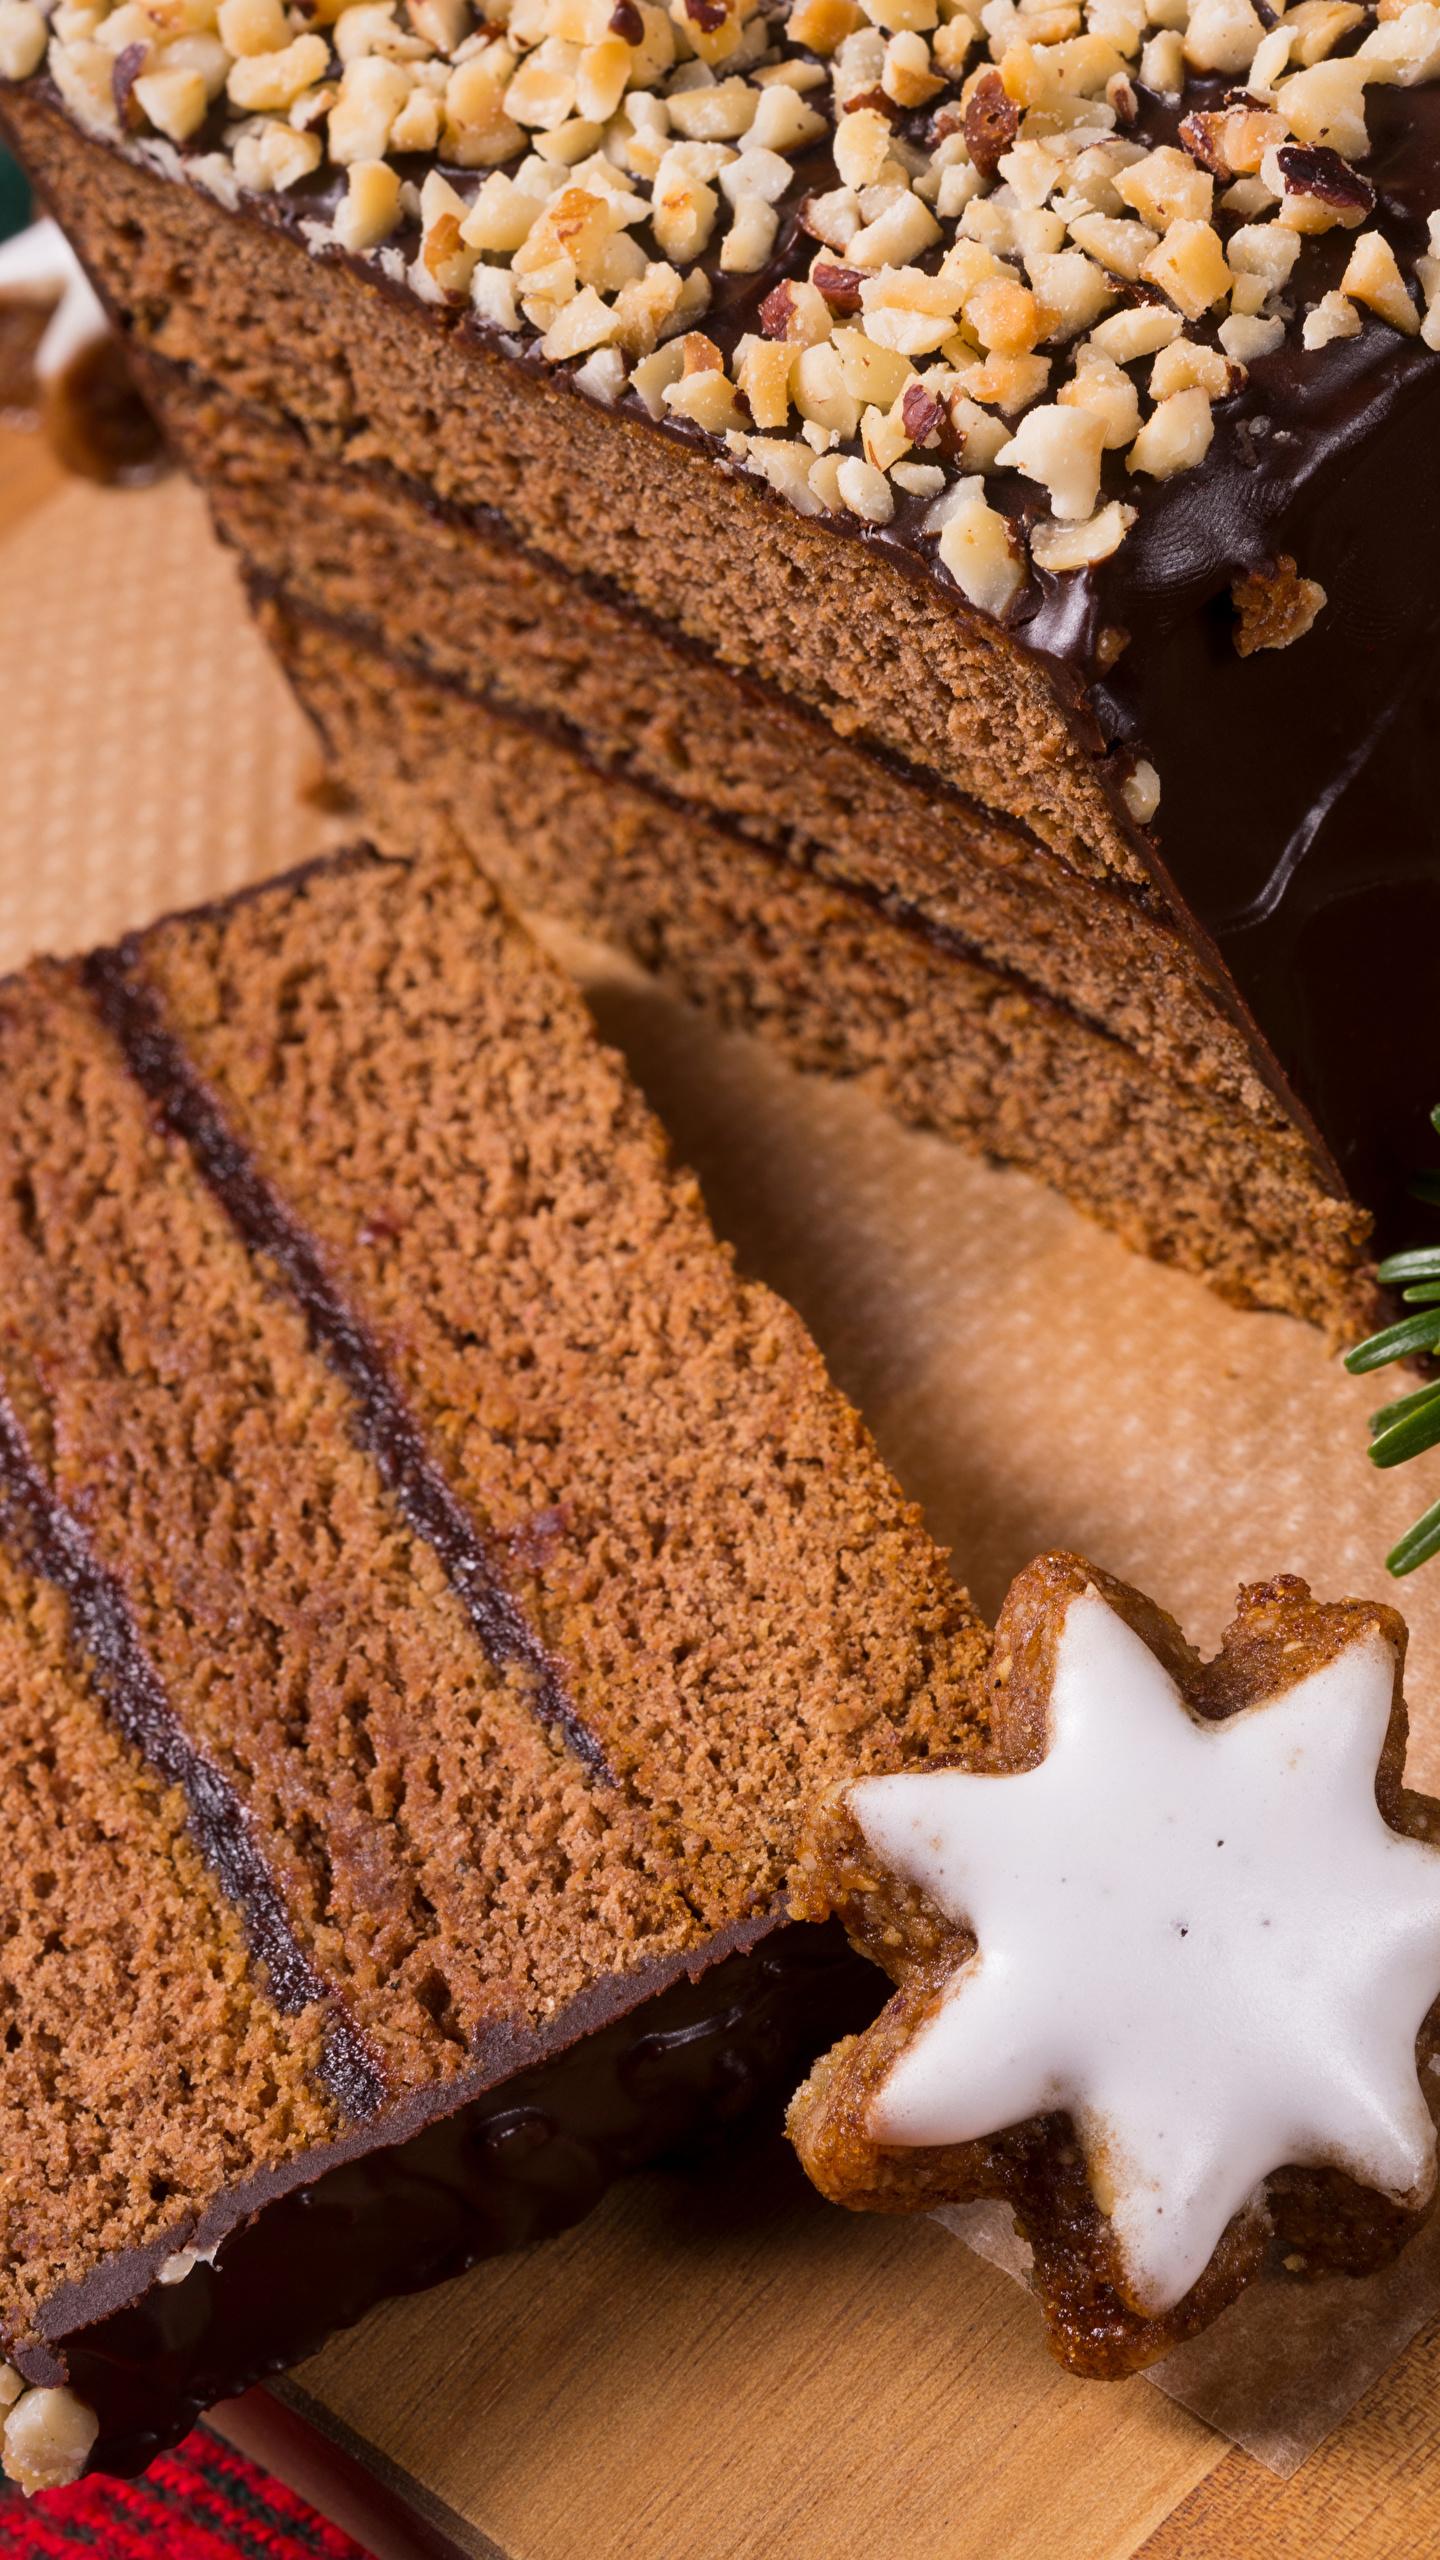 Картинка Новый год Шоколад Торты Кусок Пища Печенье Выпечка 1440x2560 Рождество часть Еда Продукты питания